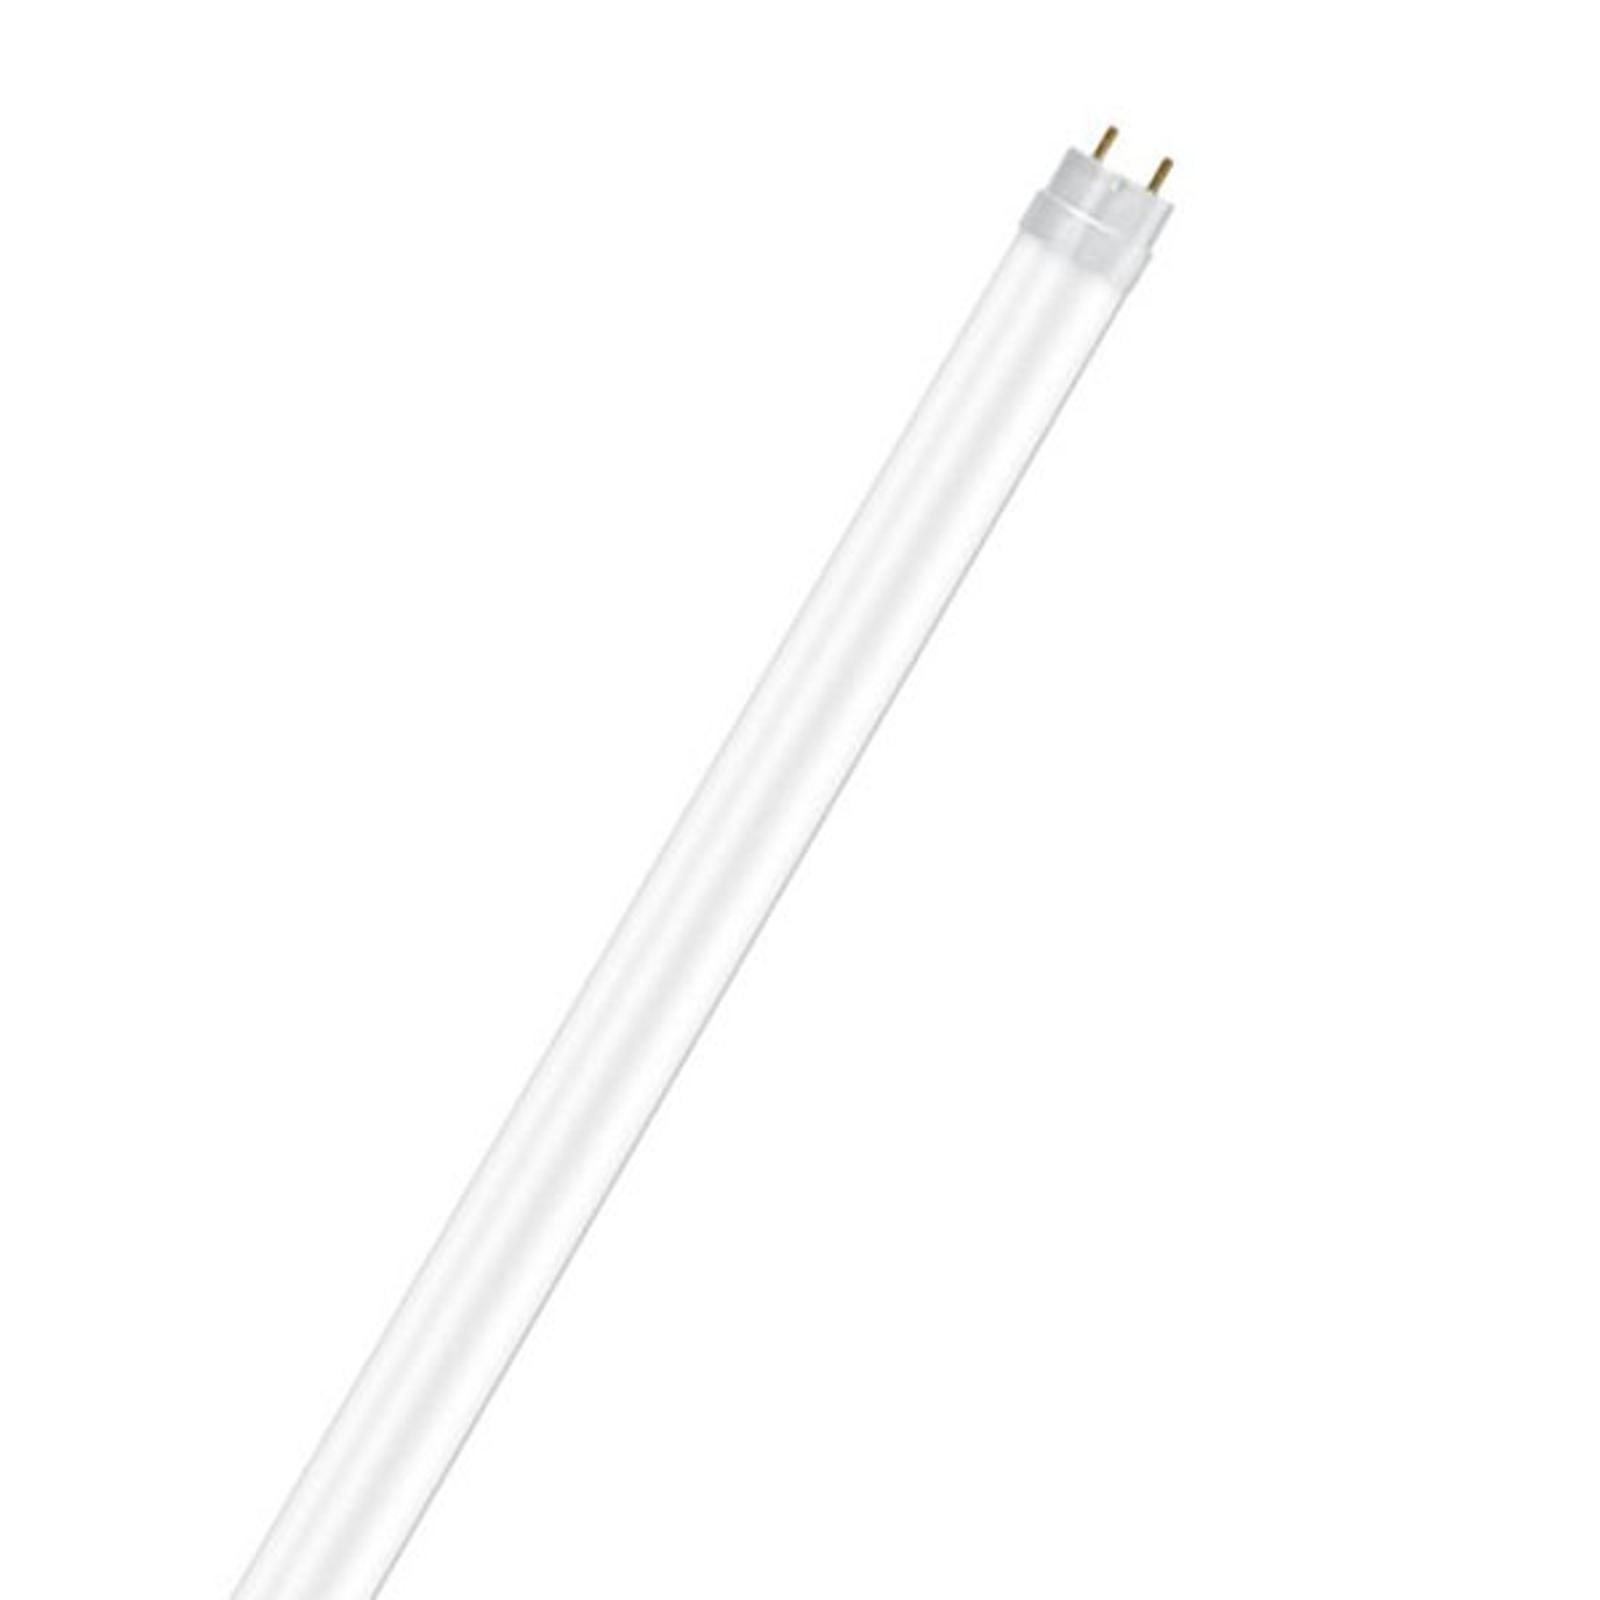 OSRAM LED-Röhre G13 T8 60cm SubstiTUBE 6,6W 3.000K